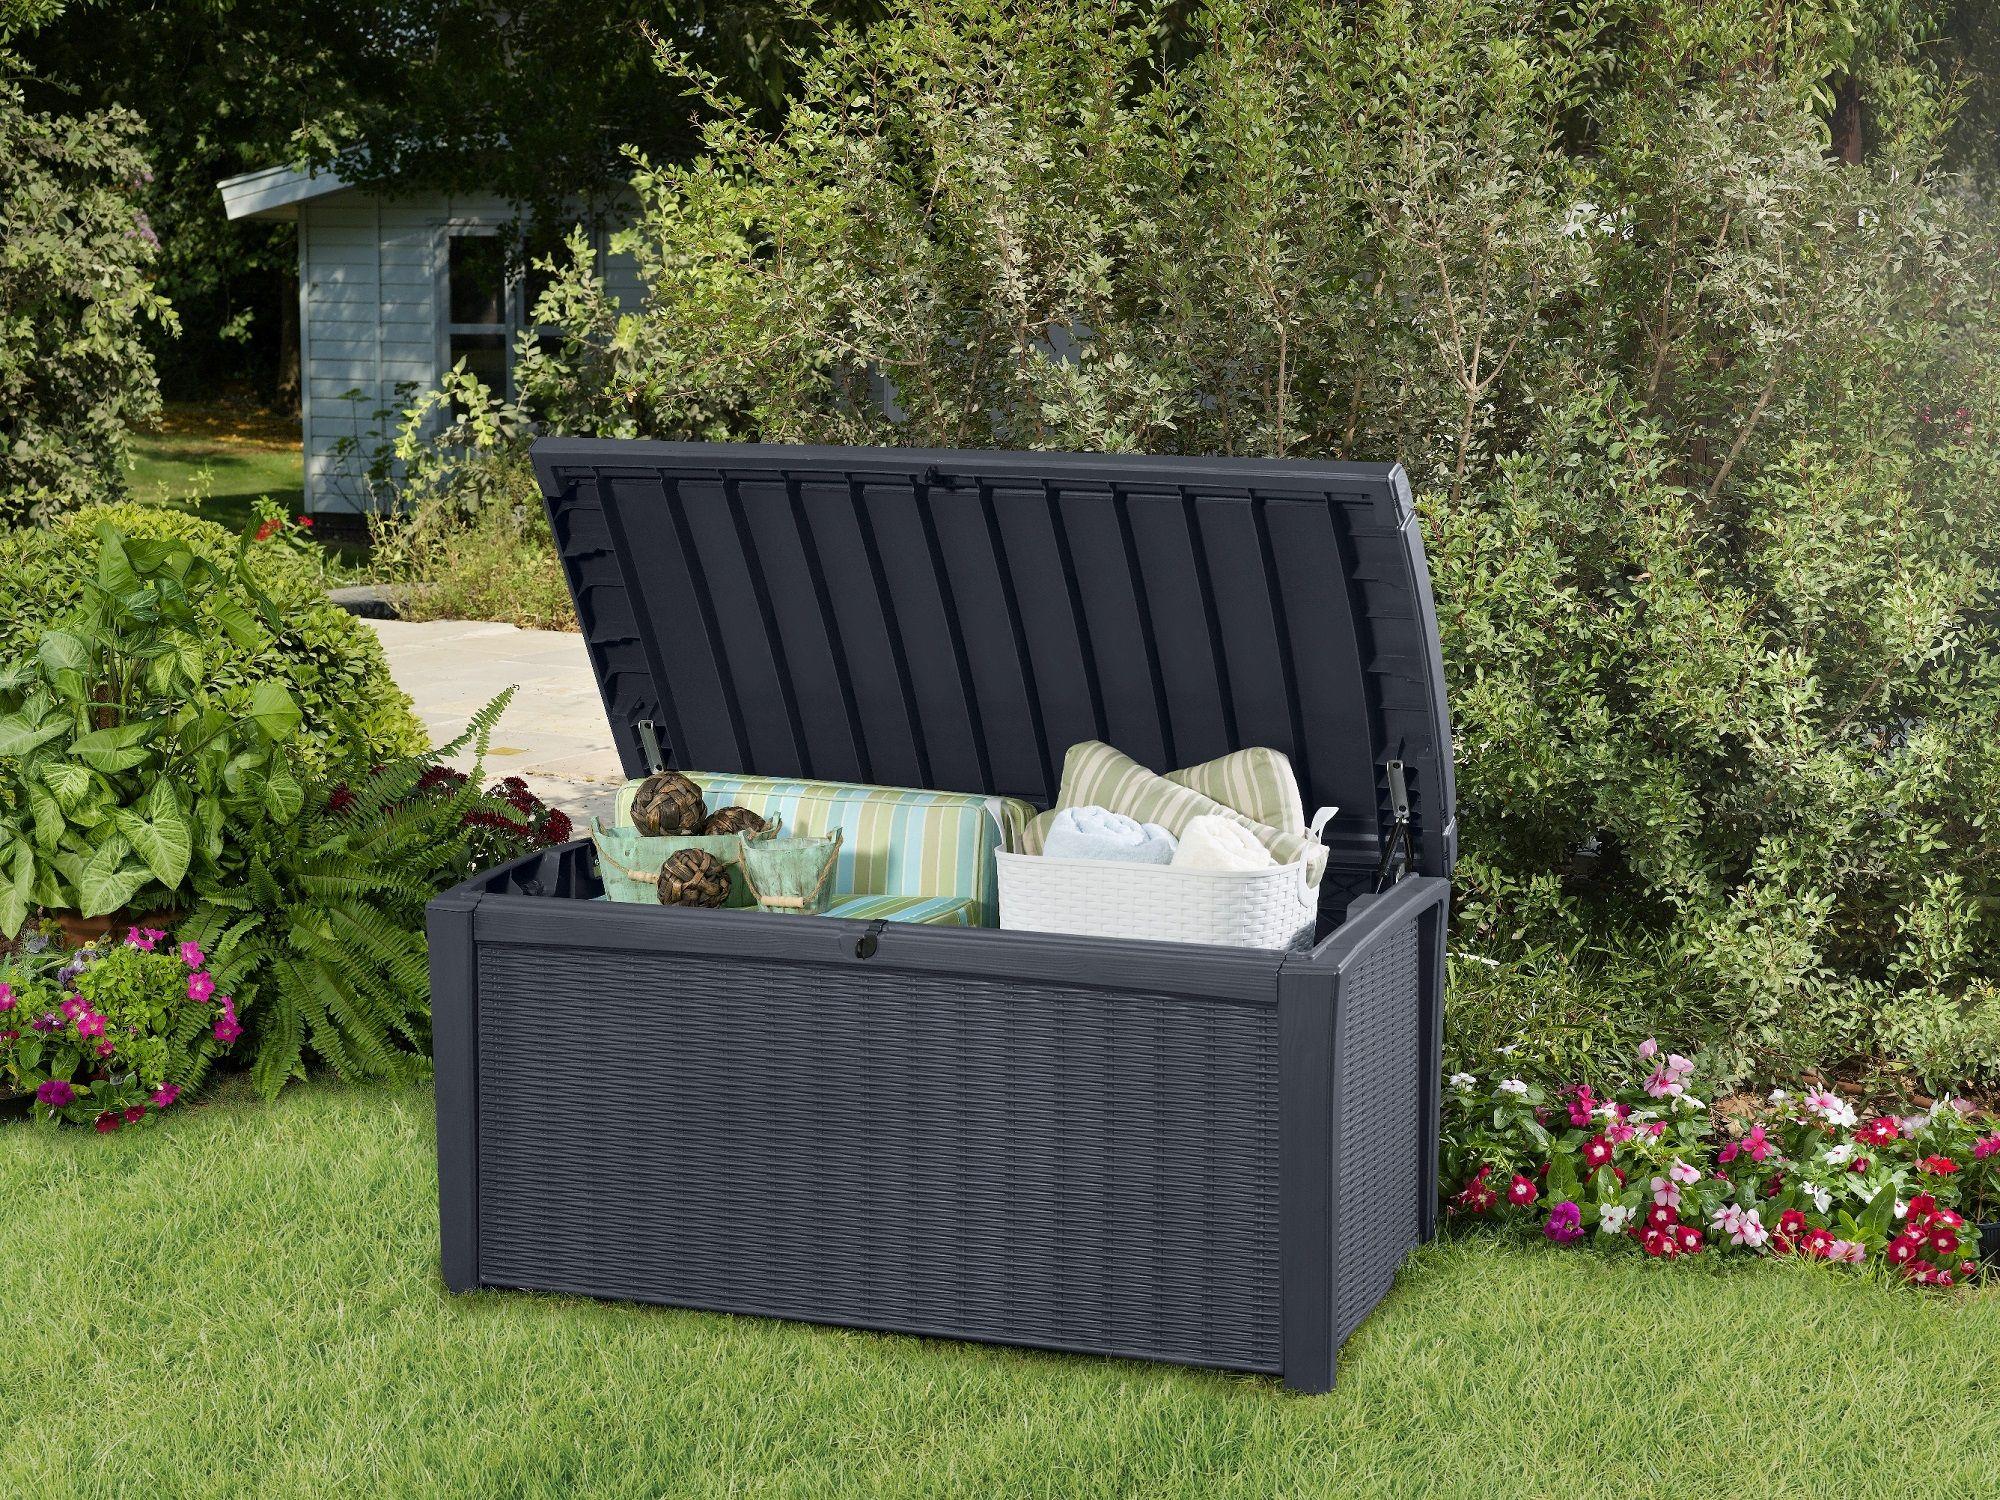 Opbergbox Kussens Tuin : Handige opbergbox voor in de tuin. snel en veilig opbergen dankzij